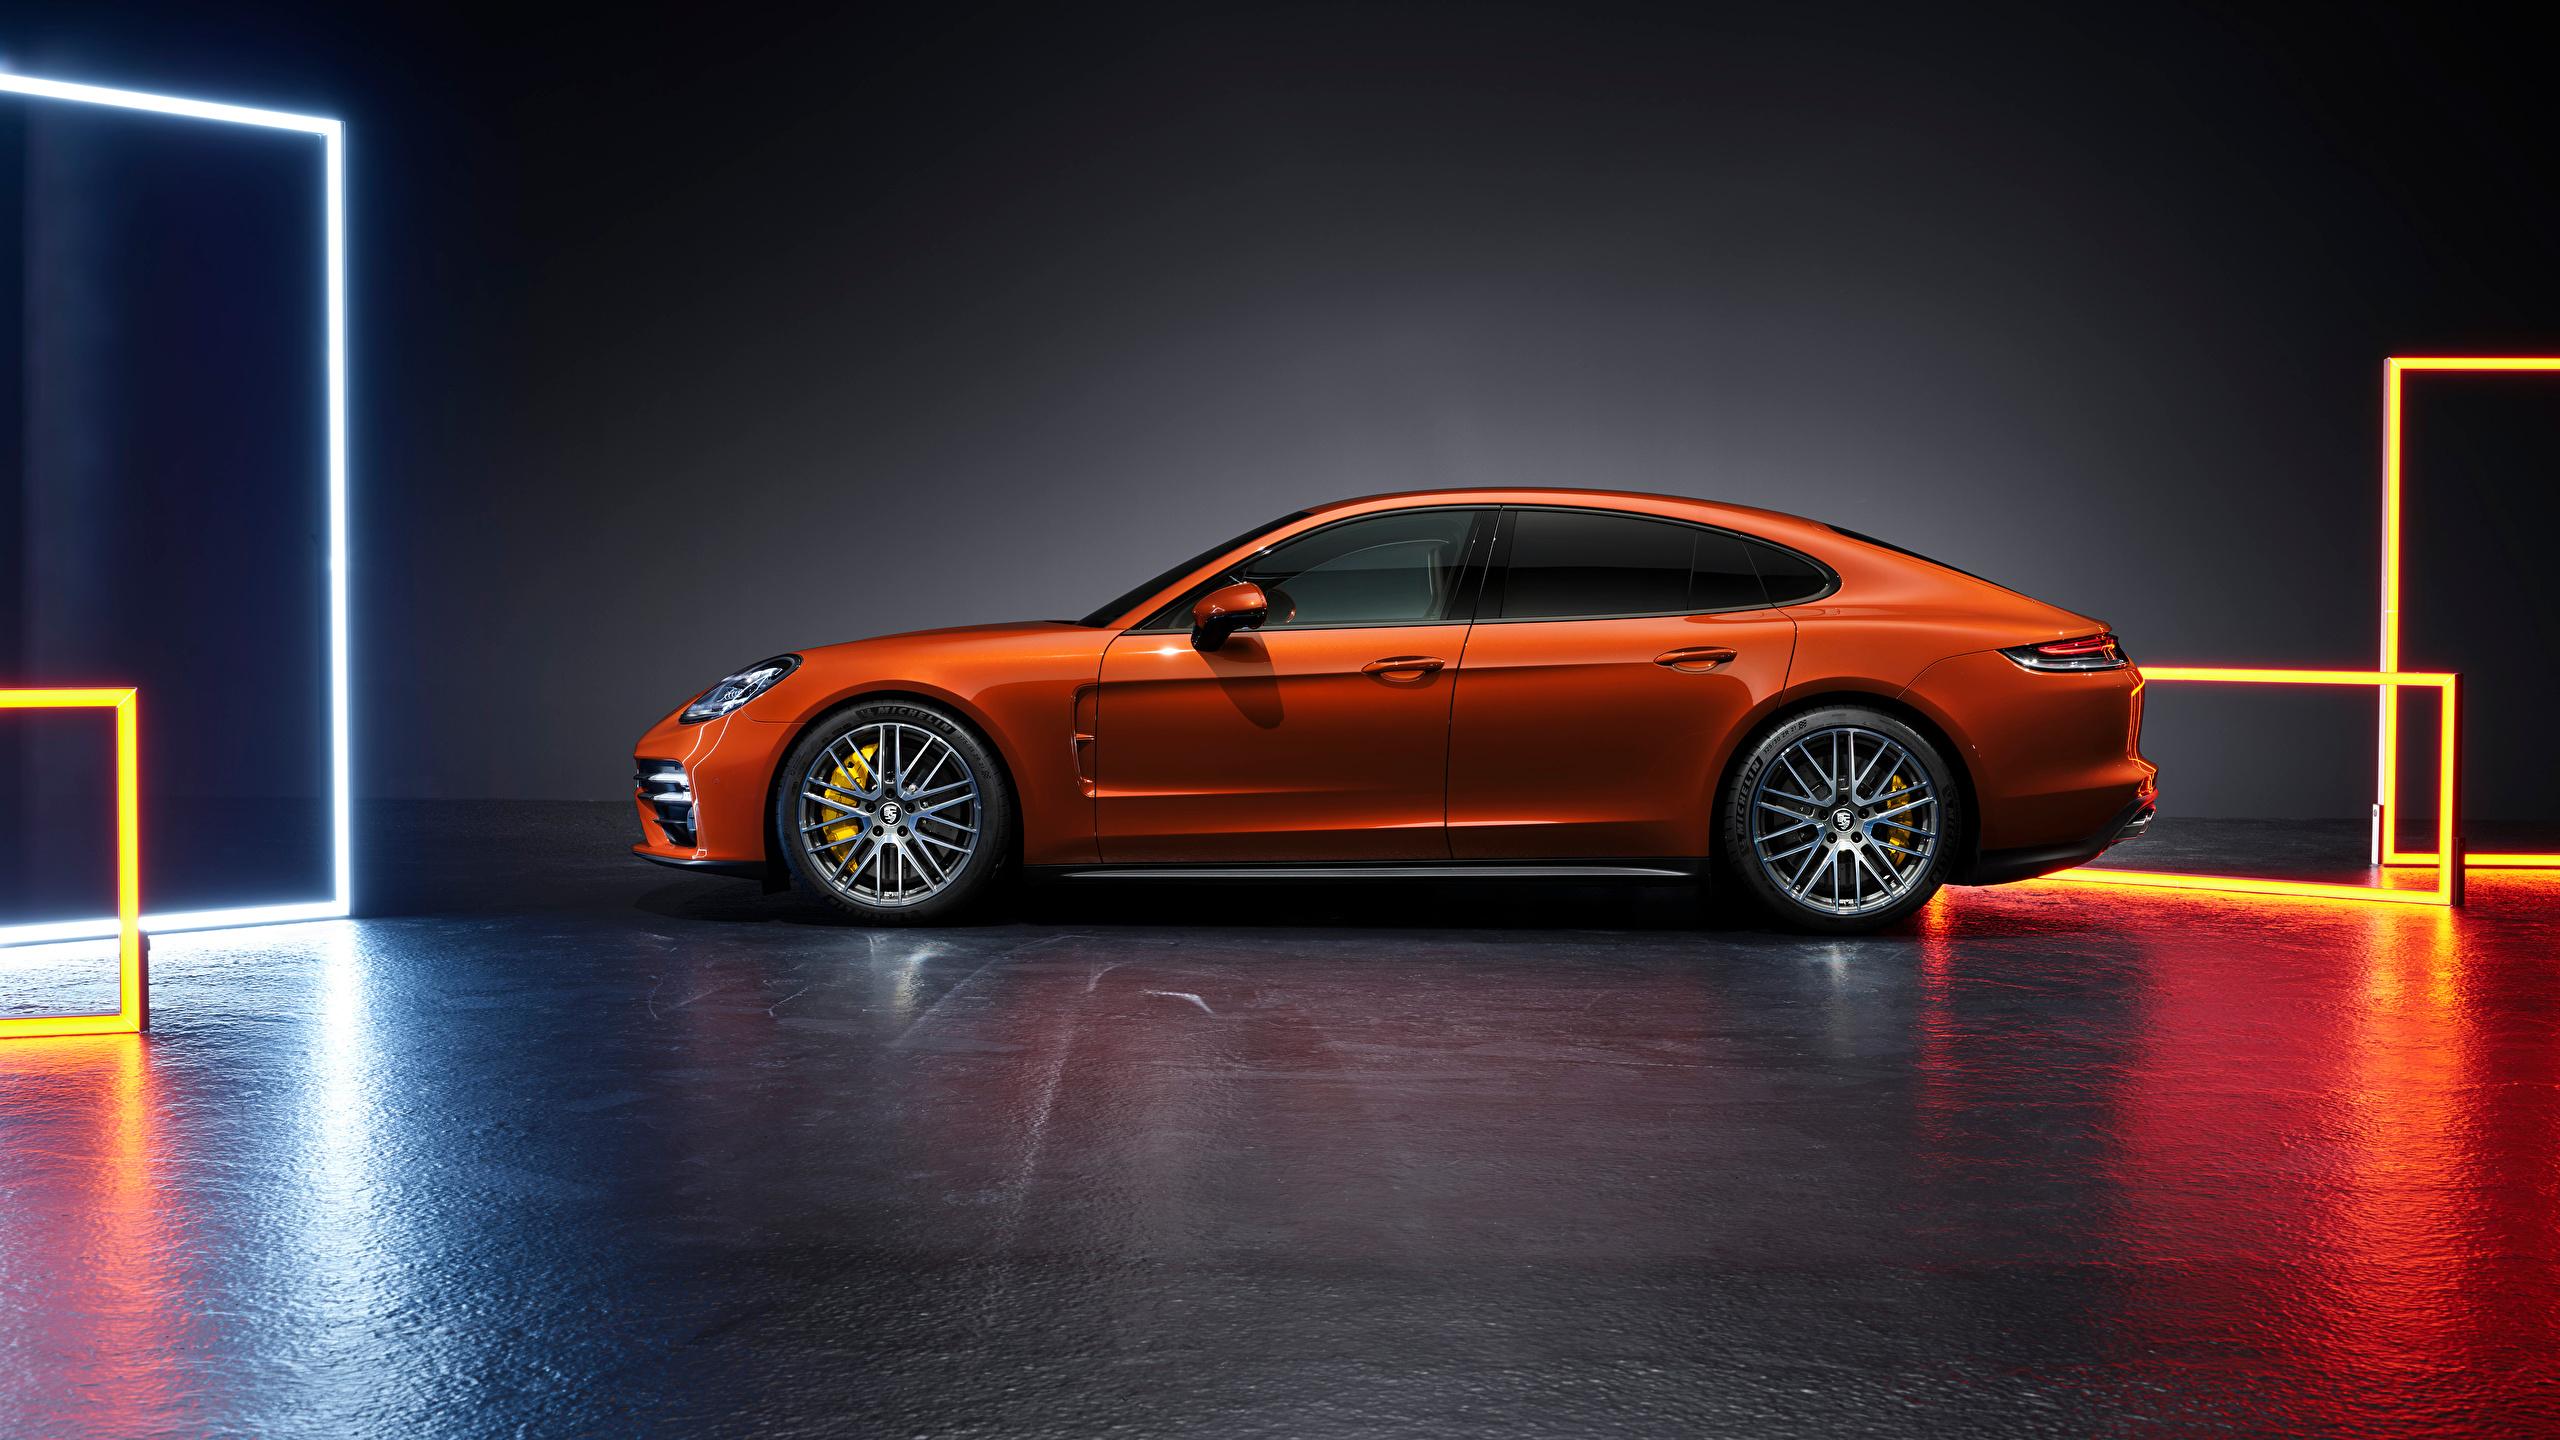 Фото Порше Panamera Turbo S (971), 2020 оранжевая Сбоку Металлик автомобиль 2560x1440 Porsche Оранжевый оранжевые оранжевых авто машины машина Автомобили